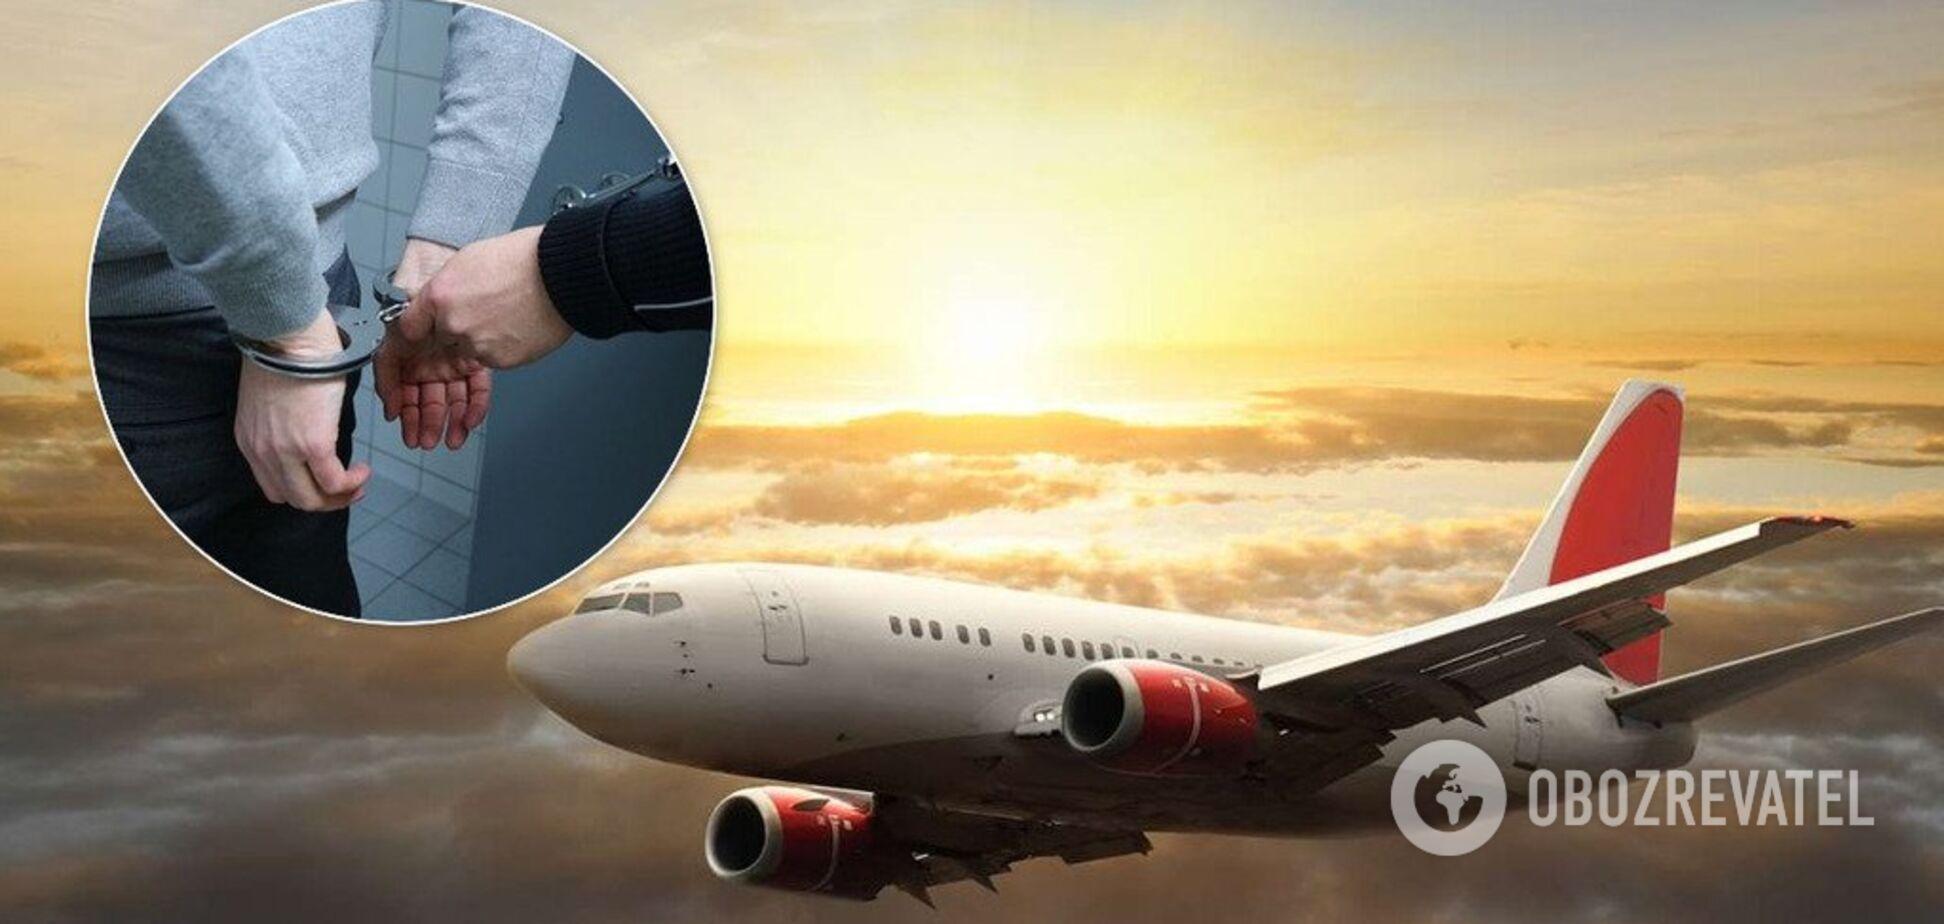 У аеропорту 'Бориспіль' спіймали організатора оборудкиз іноземними літаками